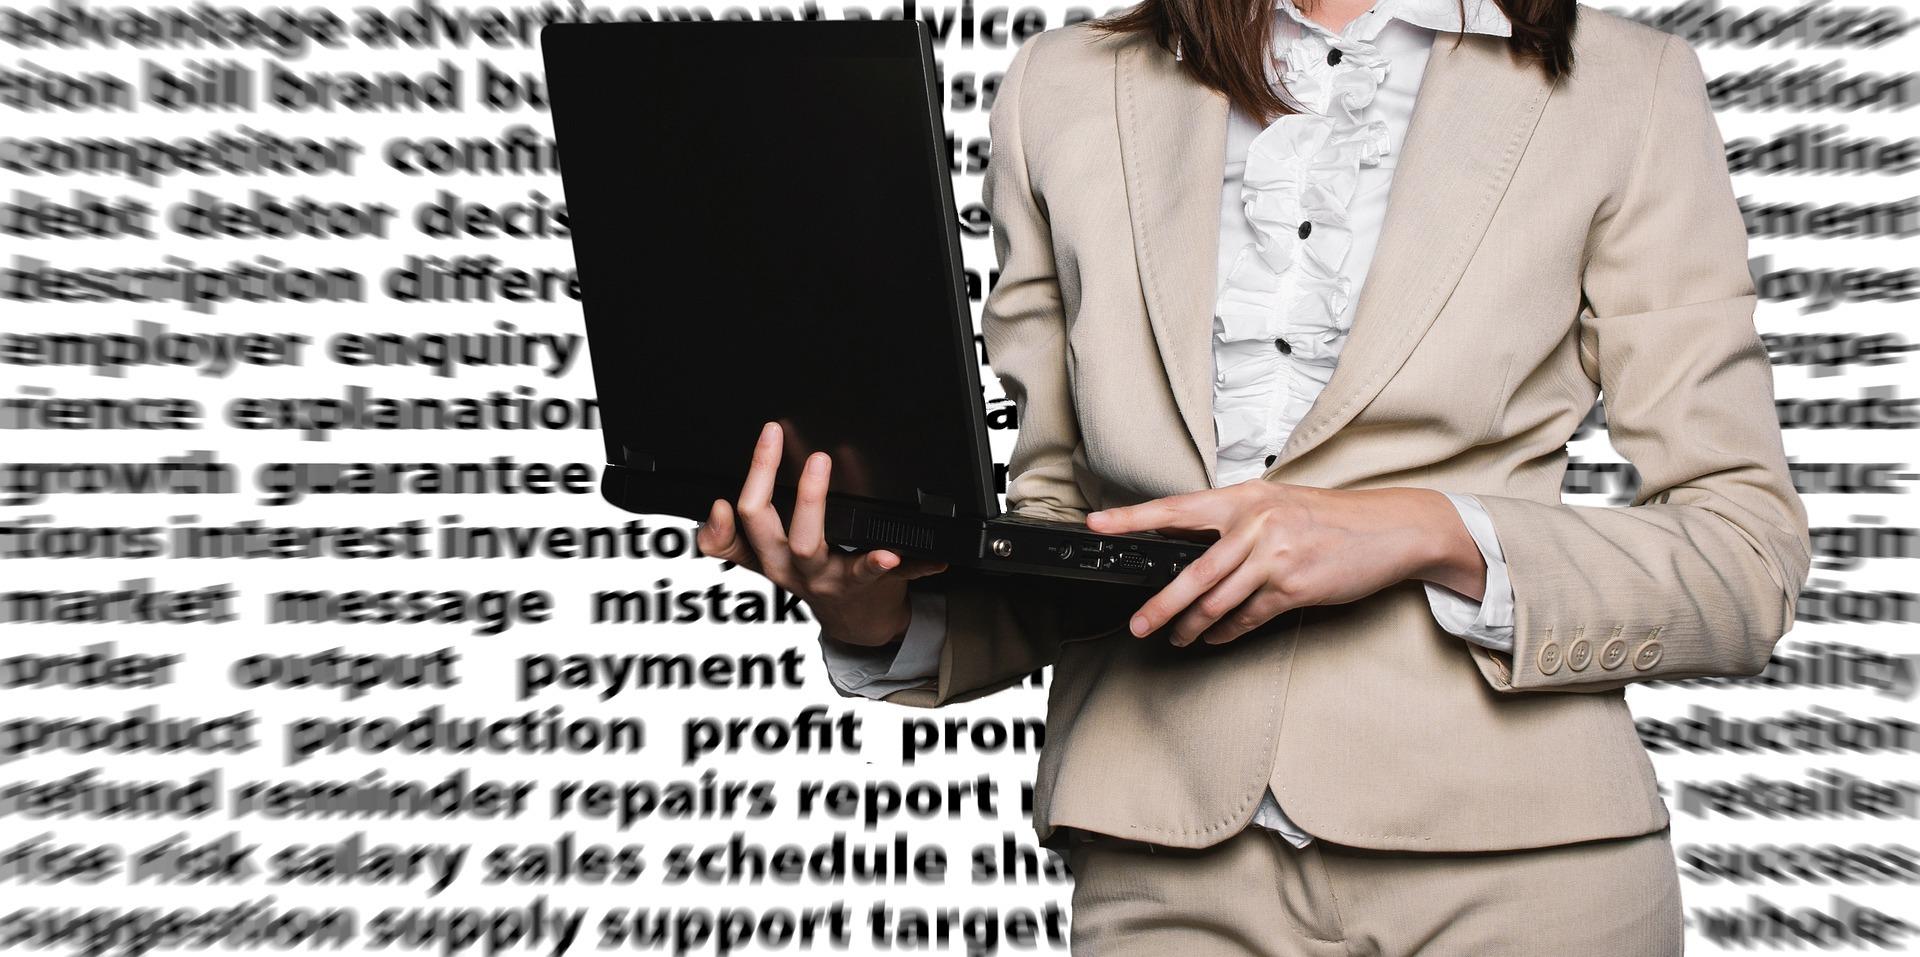 Sichtbarkeit im Beruf: Referat und Podium